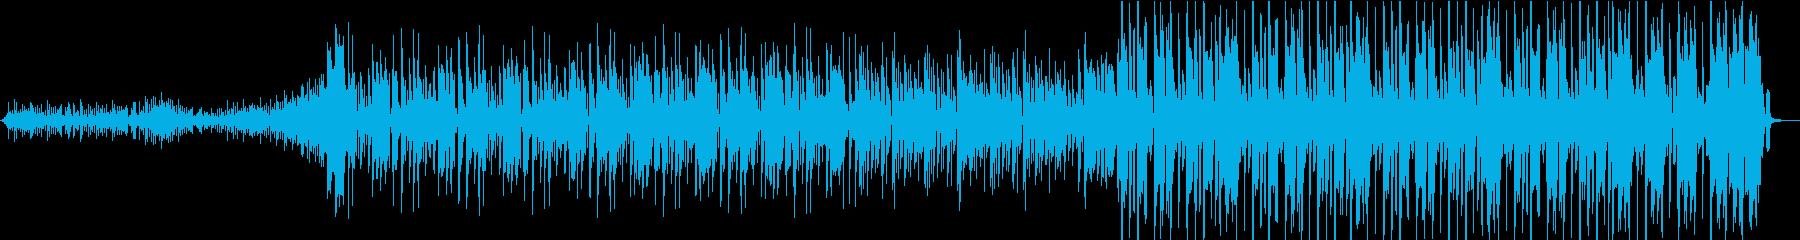 ストリート系☆陽気なエレクトロファンクの再生済みの波形